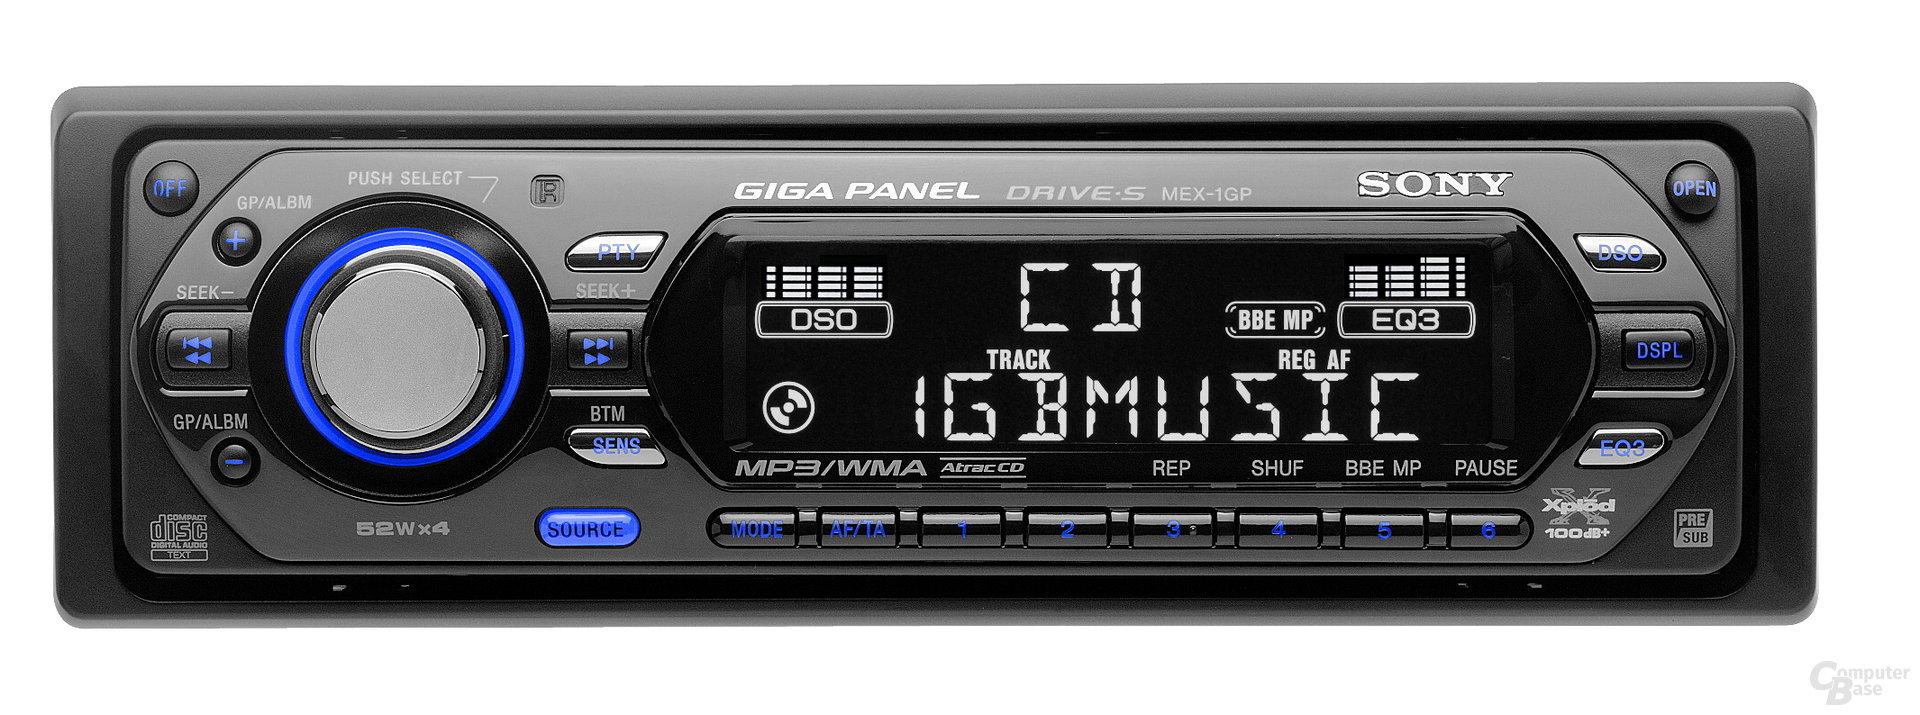 Sonys MEX-1GP